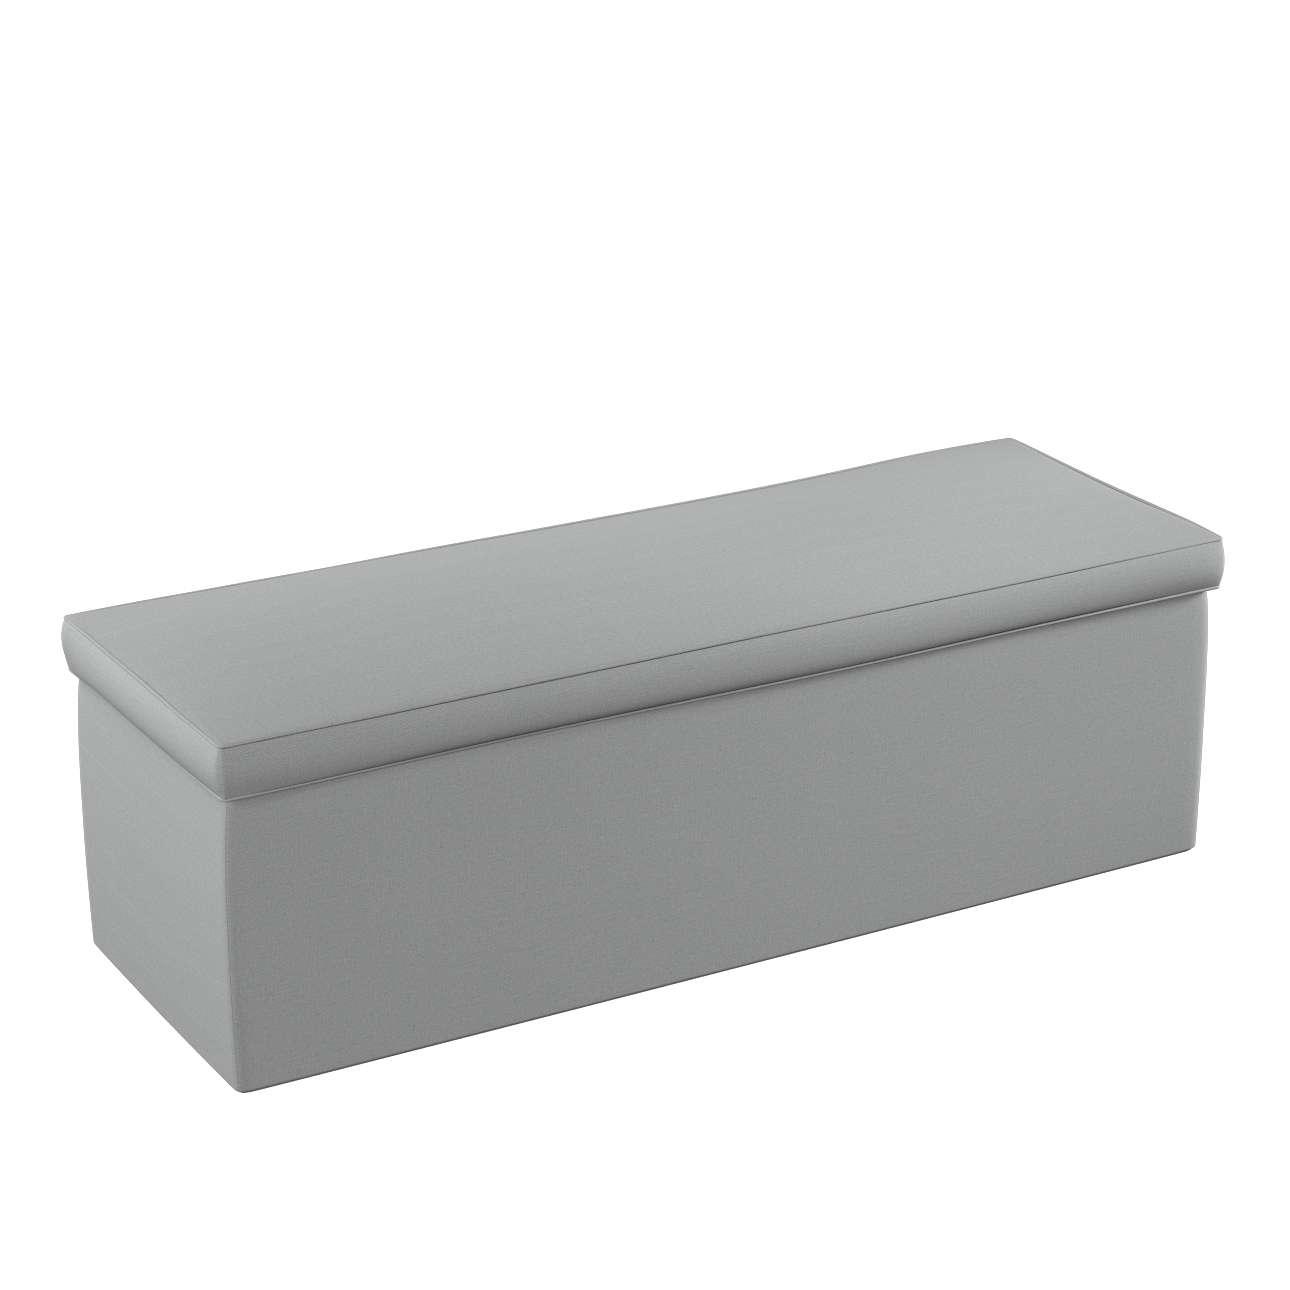 Čalouněná skřín 90 x 40 x 40 cm v kolekci Loneta, látka: 133-24